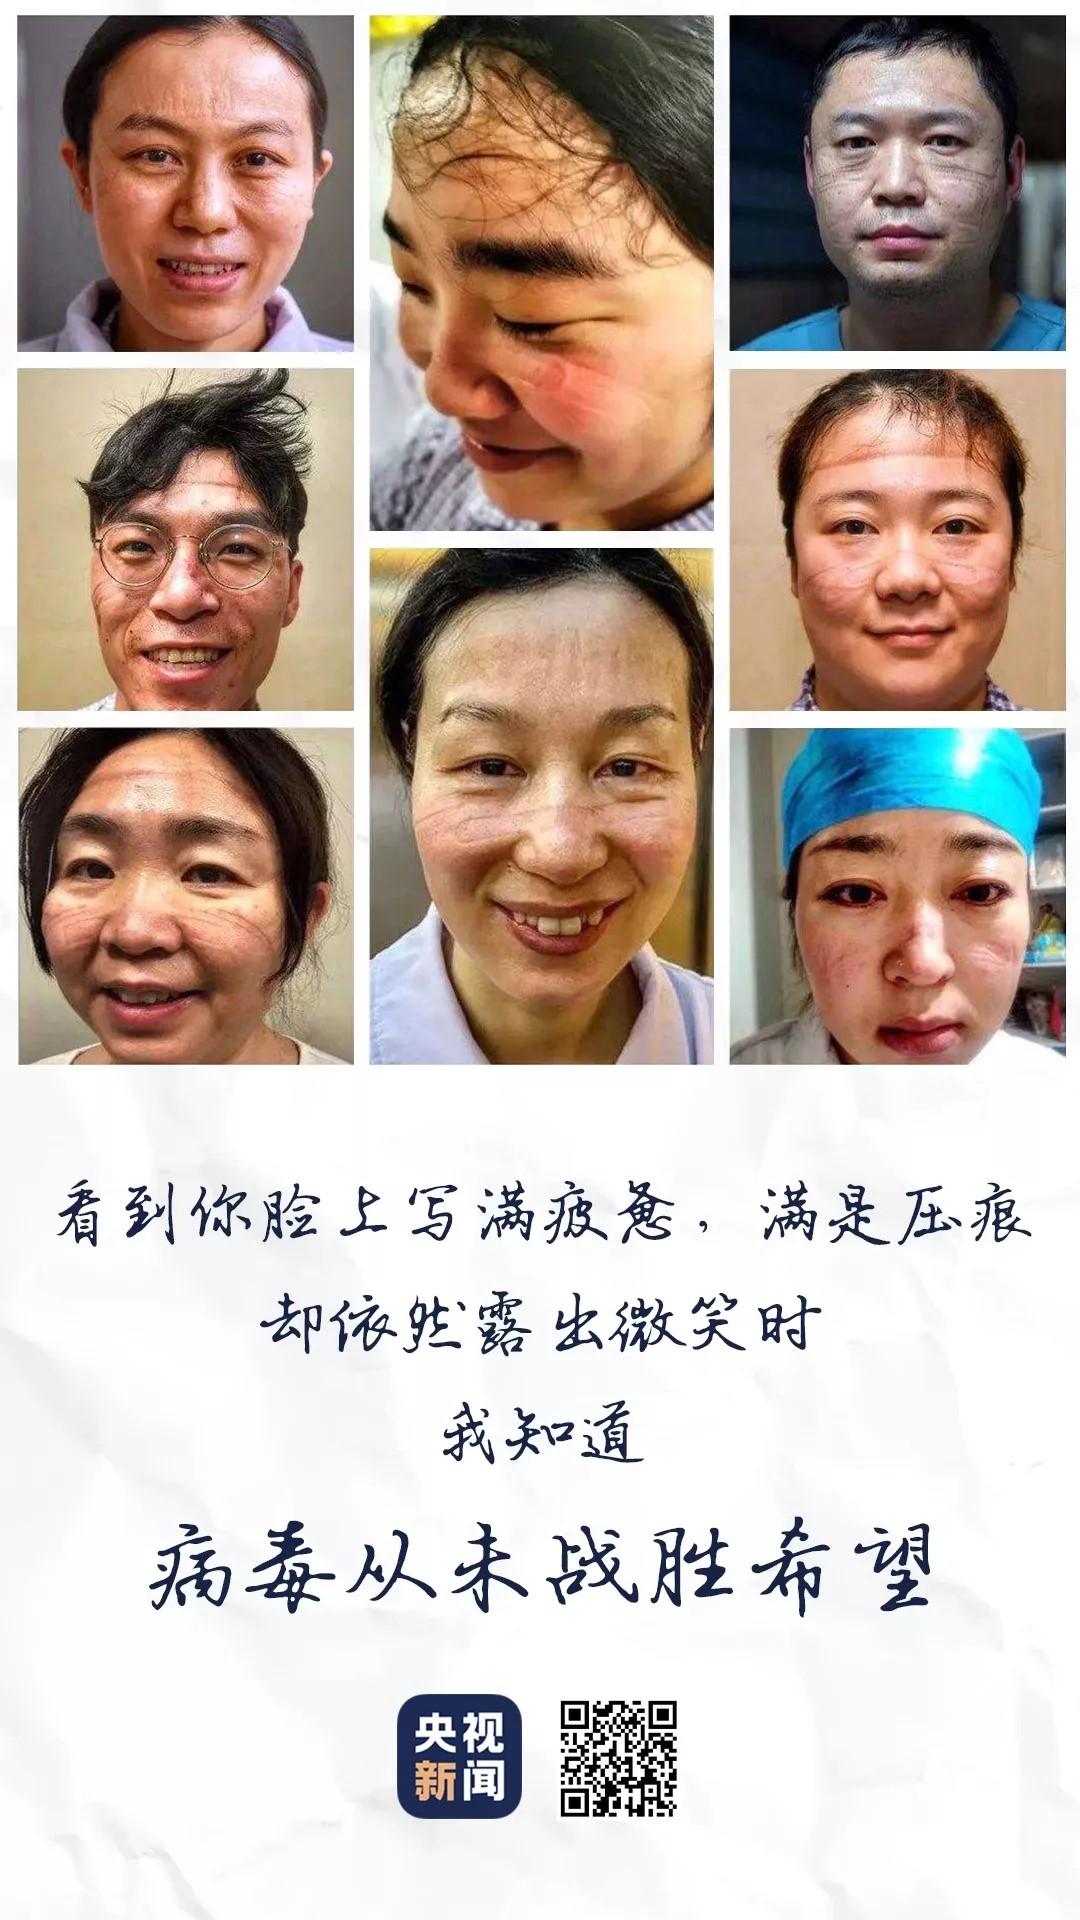 护士笑容2.jpg